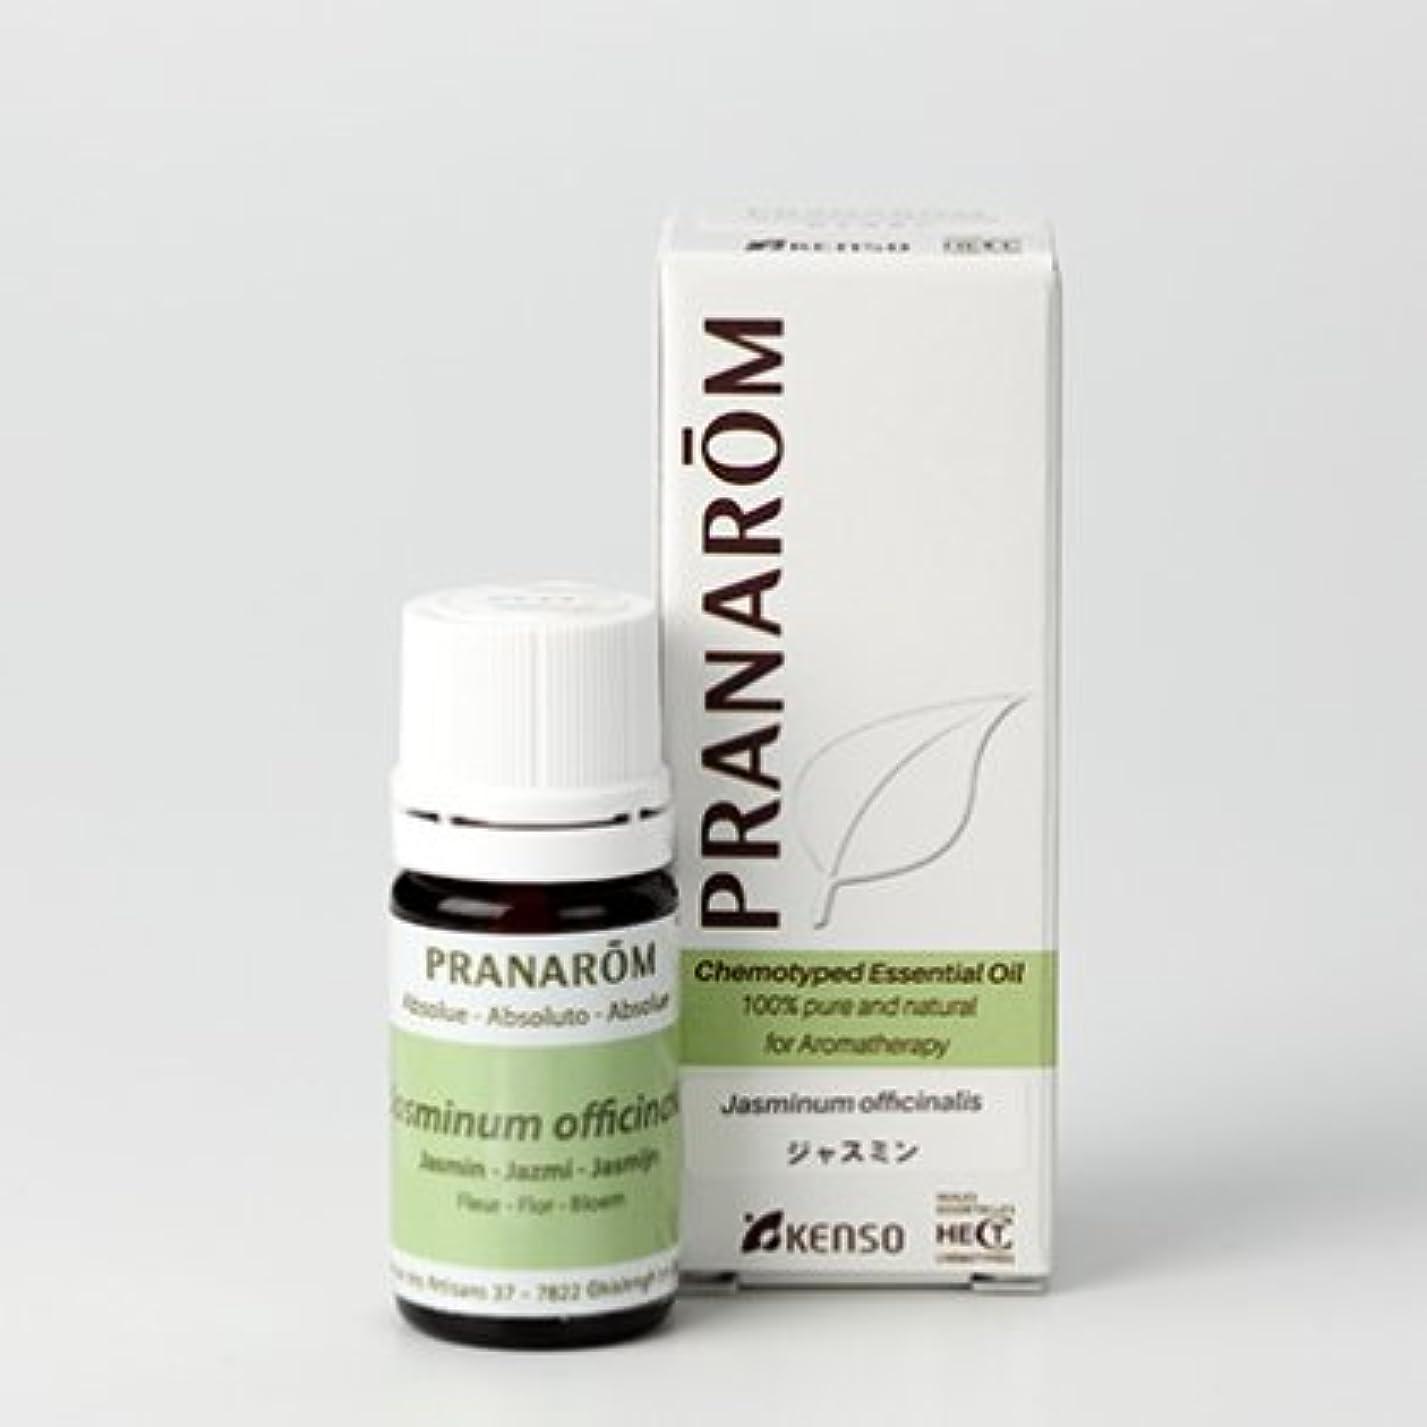 鼓舞する高度な汚物ジャスミン 5mlミドルノート プラナロム社エッセンシャルオイル(精油)